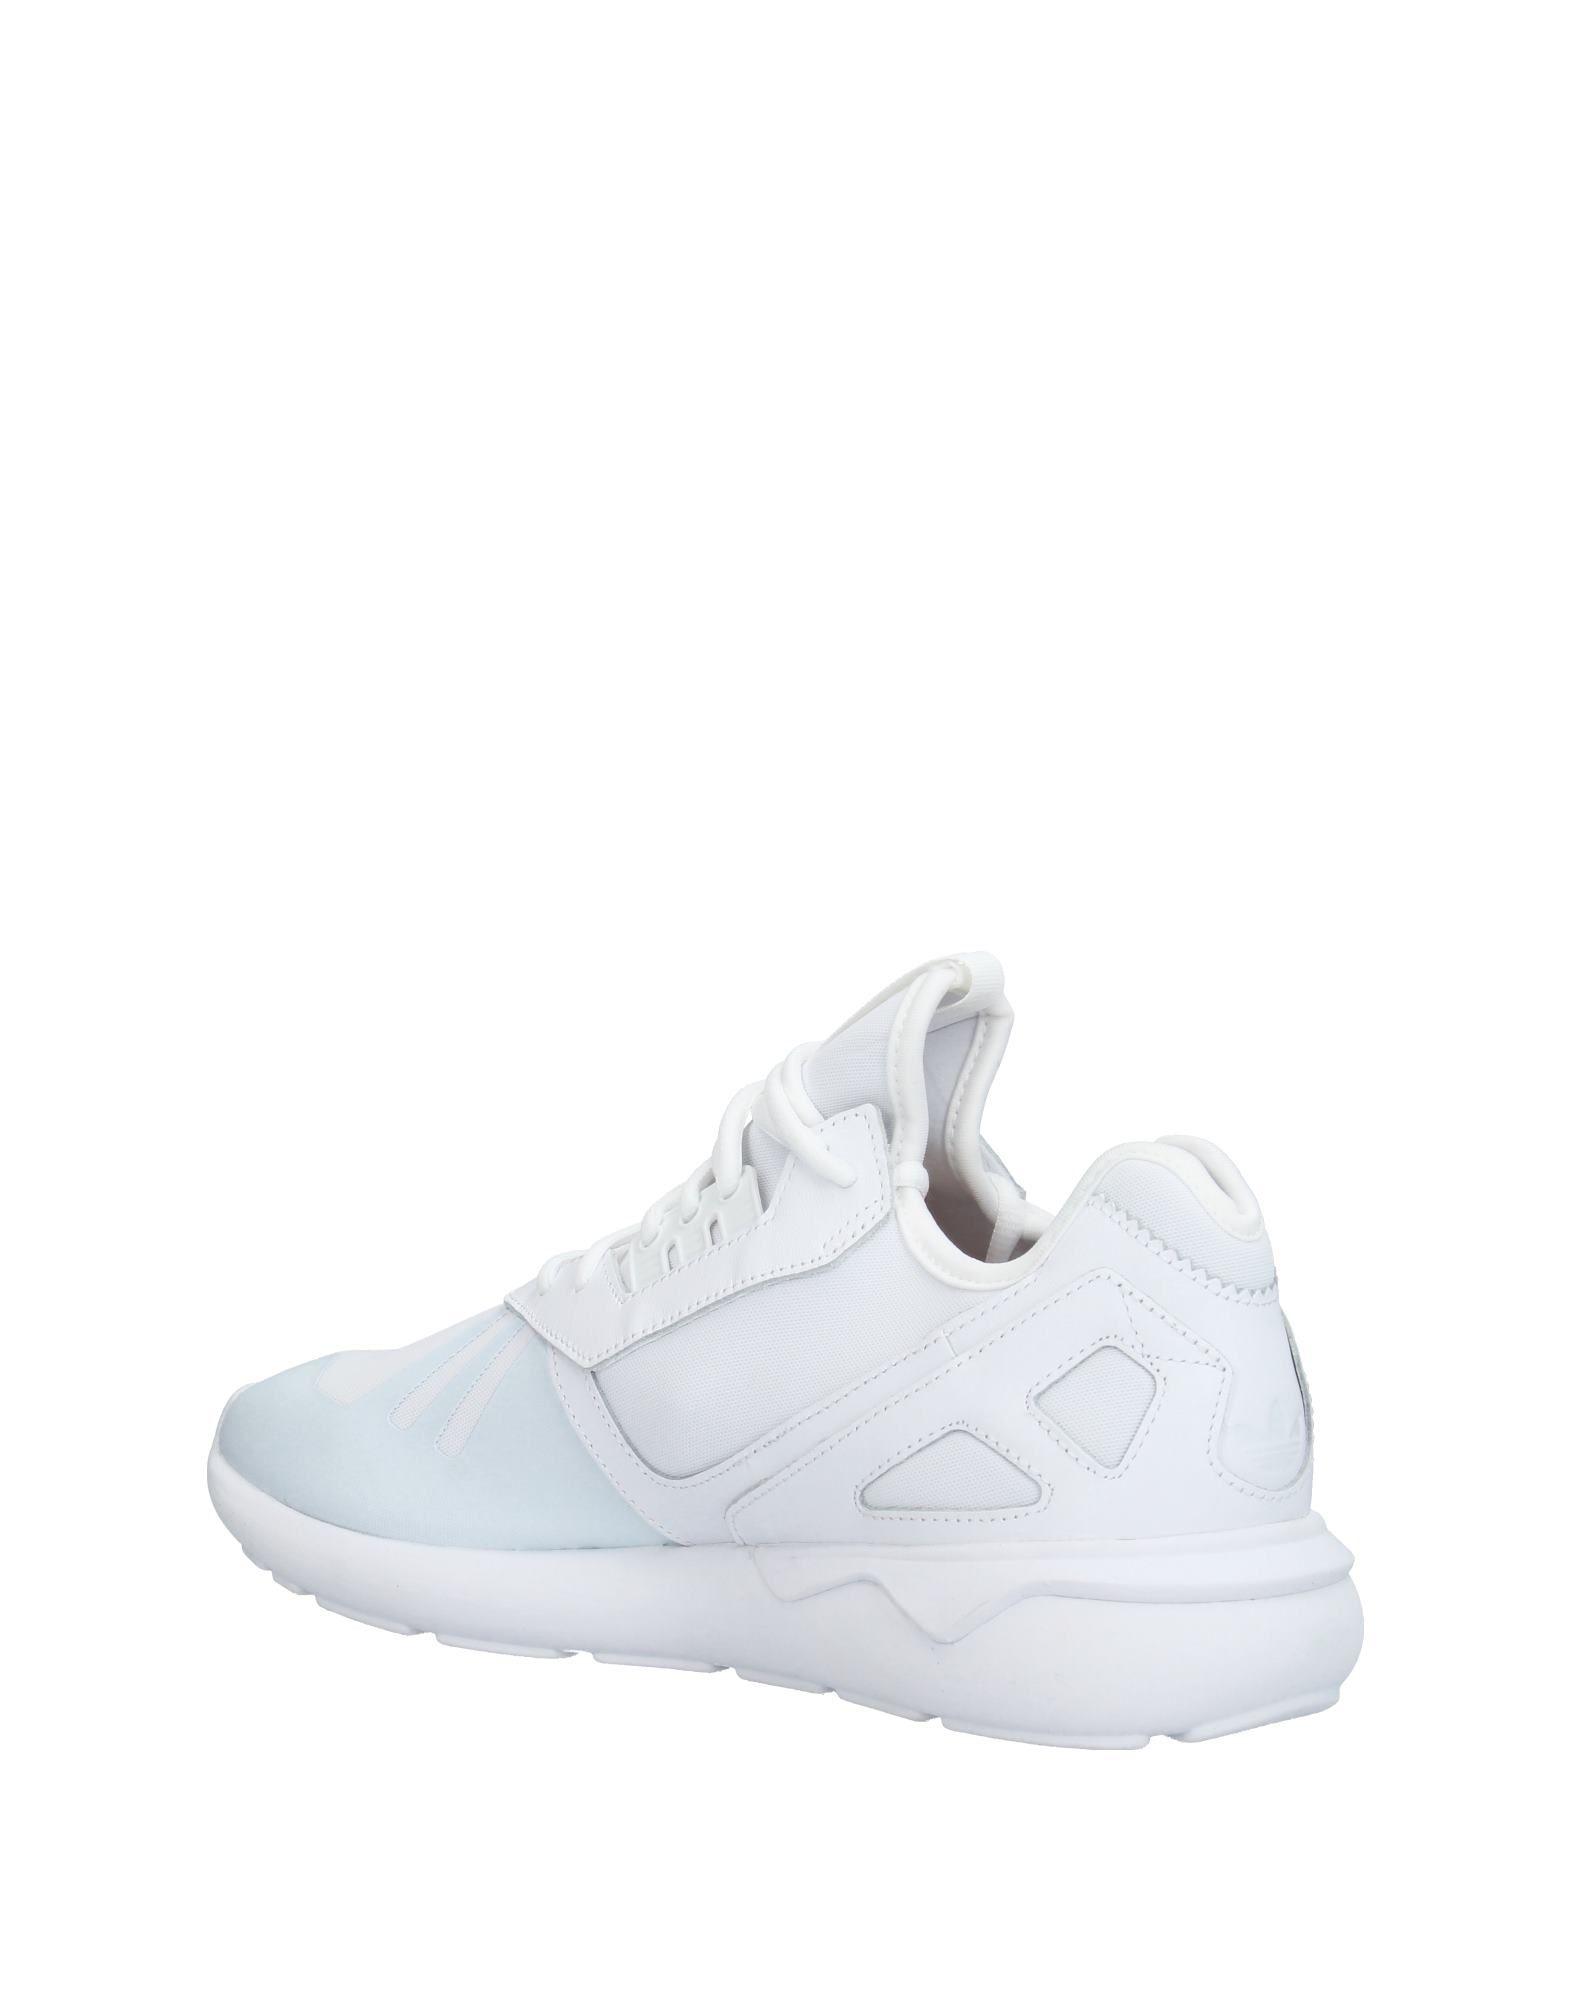 Adidas Adidas Adidas Originals Sneakers Herren Gutes Preis-Leistungs-Verhältnis, es lohnt sich d70876